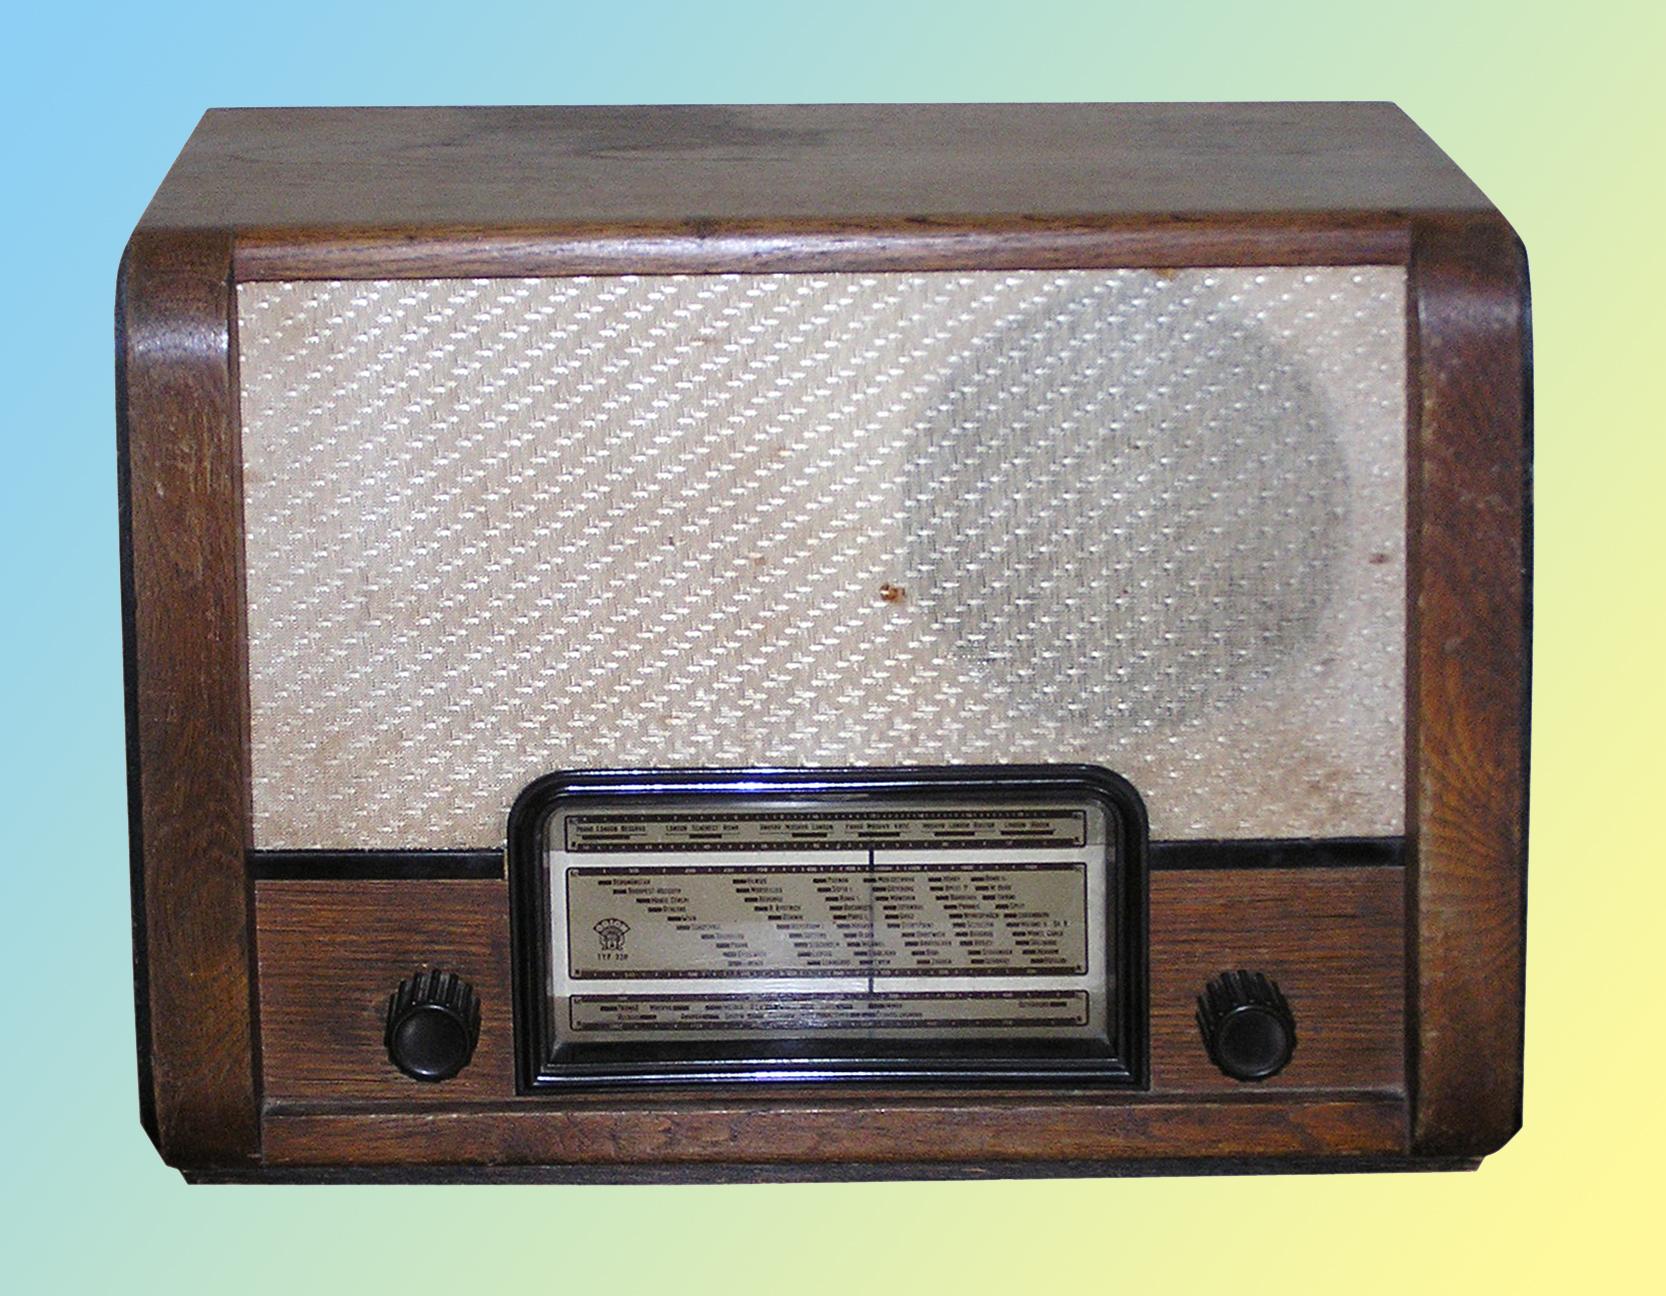 Как сделать радио своими руками в домашних условиях